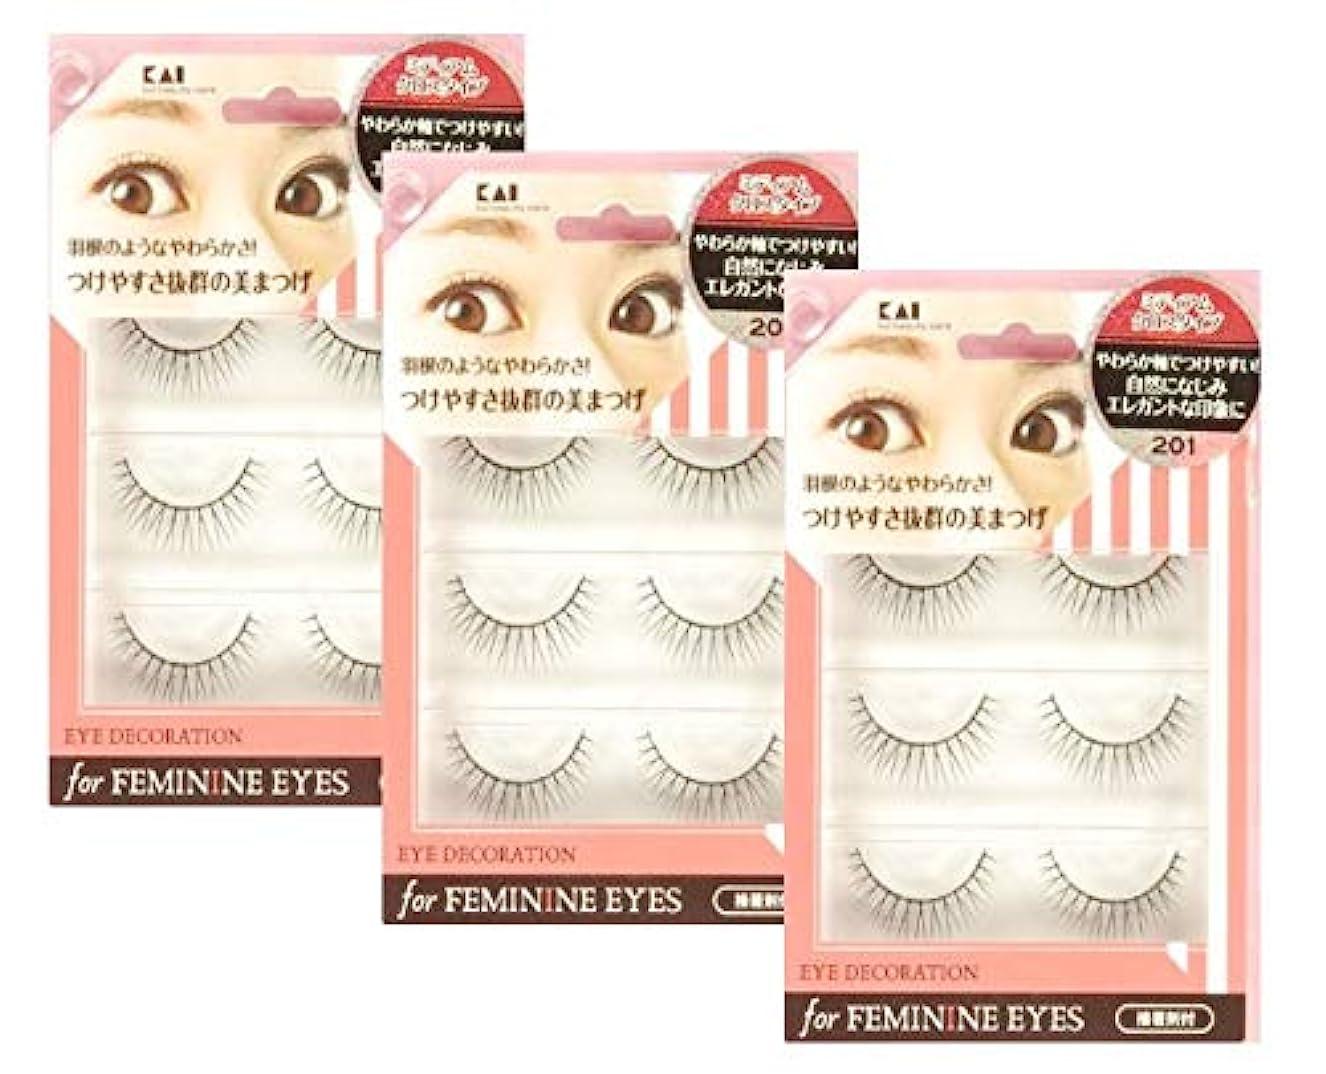 彼自身きつくに頼る【まとめ買い3個セット】アイデコレーション for feminine eyes 201 ミディアムクロスタイプ